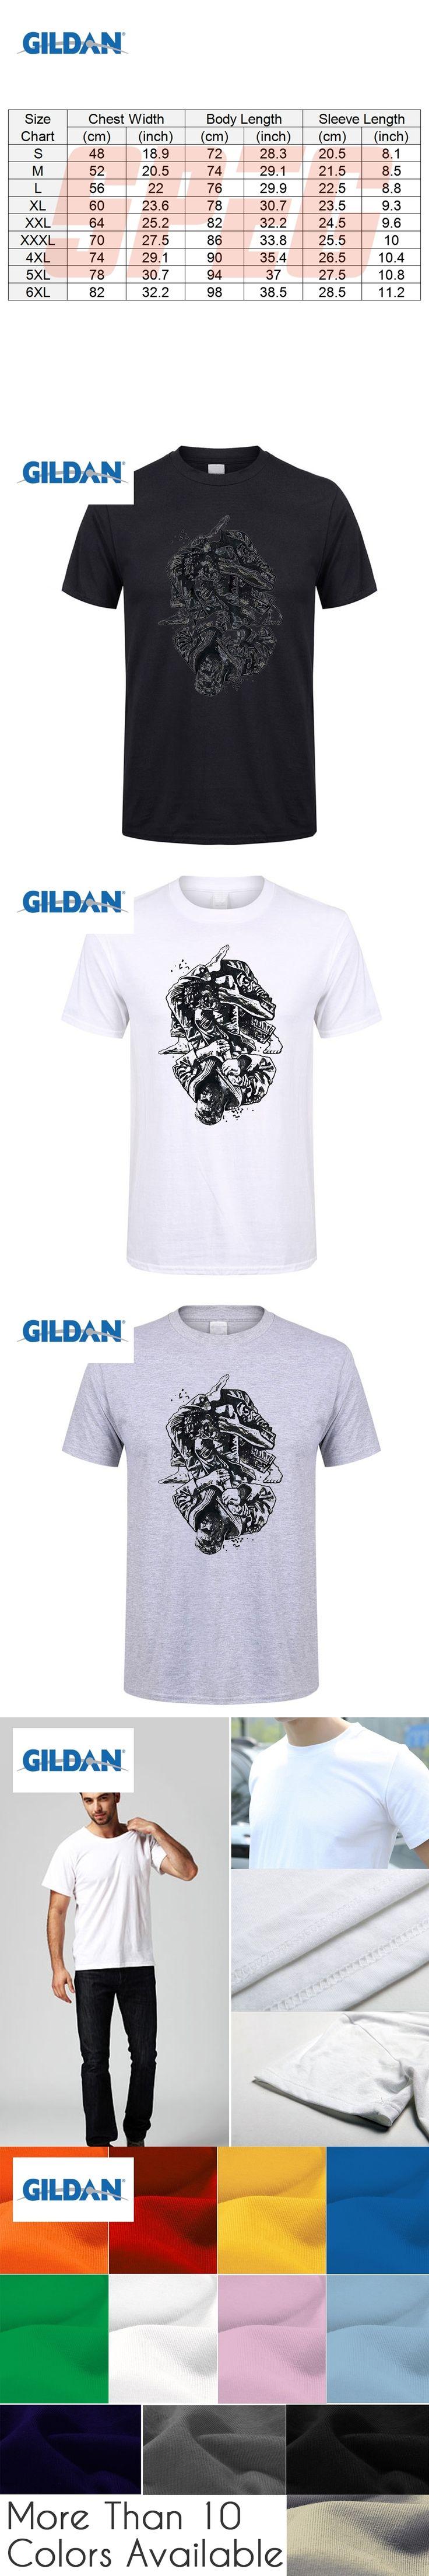 GILDAN T Shirts Brazilian Jiu Jitsu BJJ Homme Round Judo Collar Short Sleeve Shirts Plus Size Youth Humorous Tee Shirts